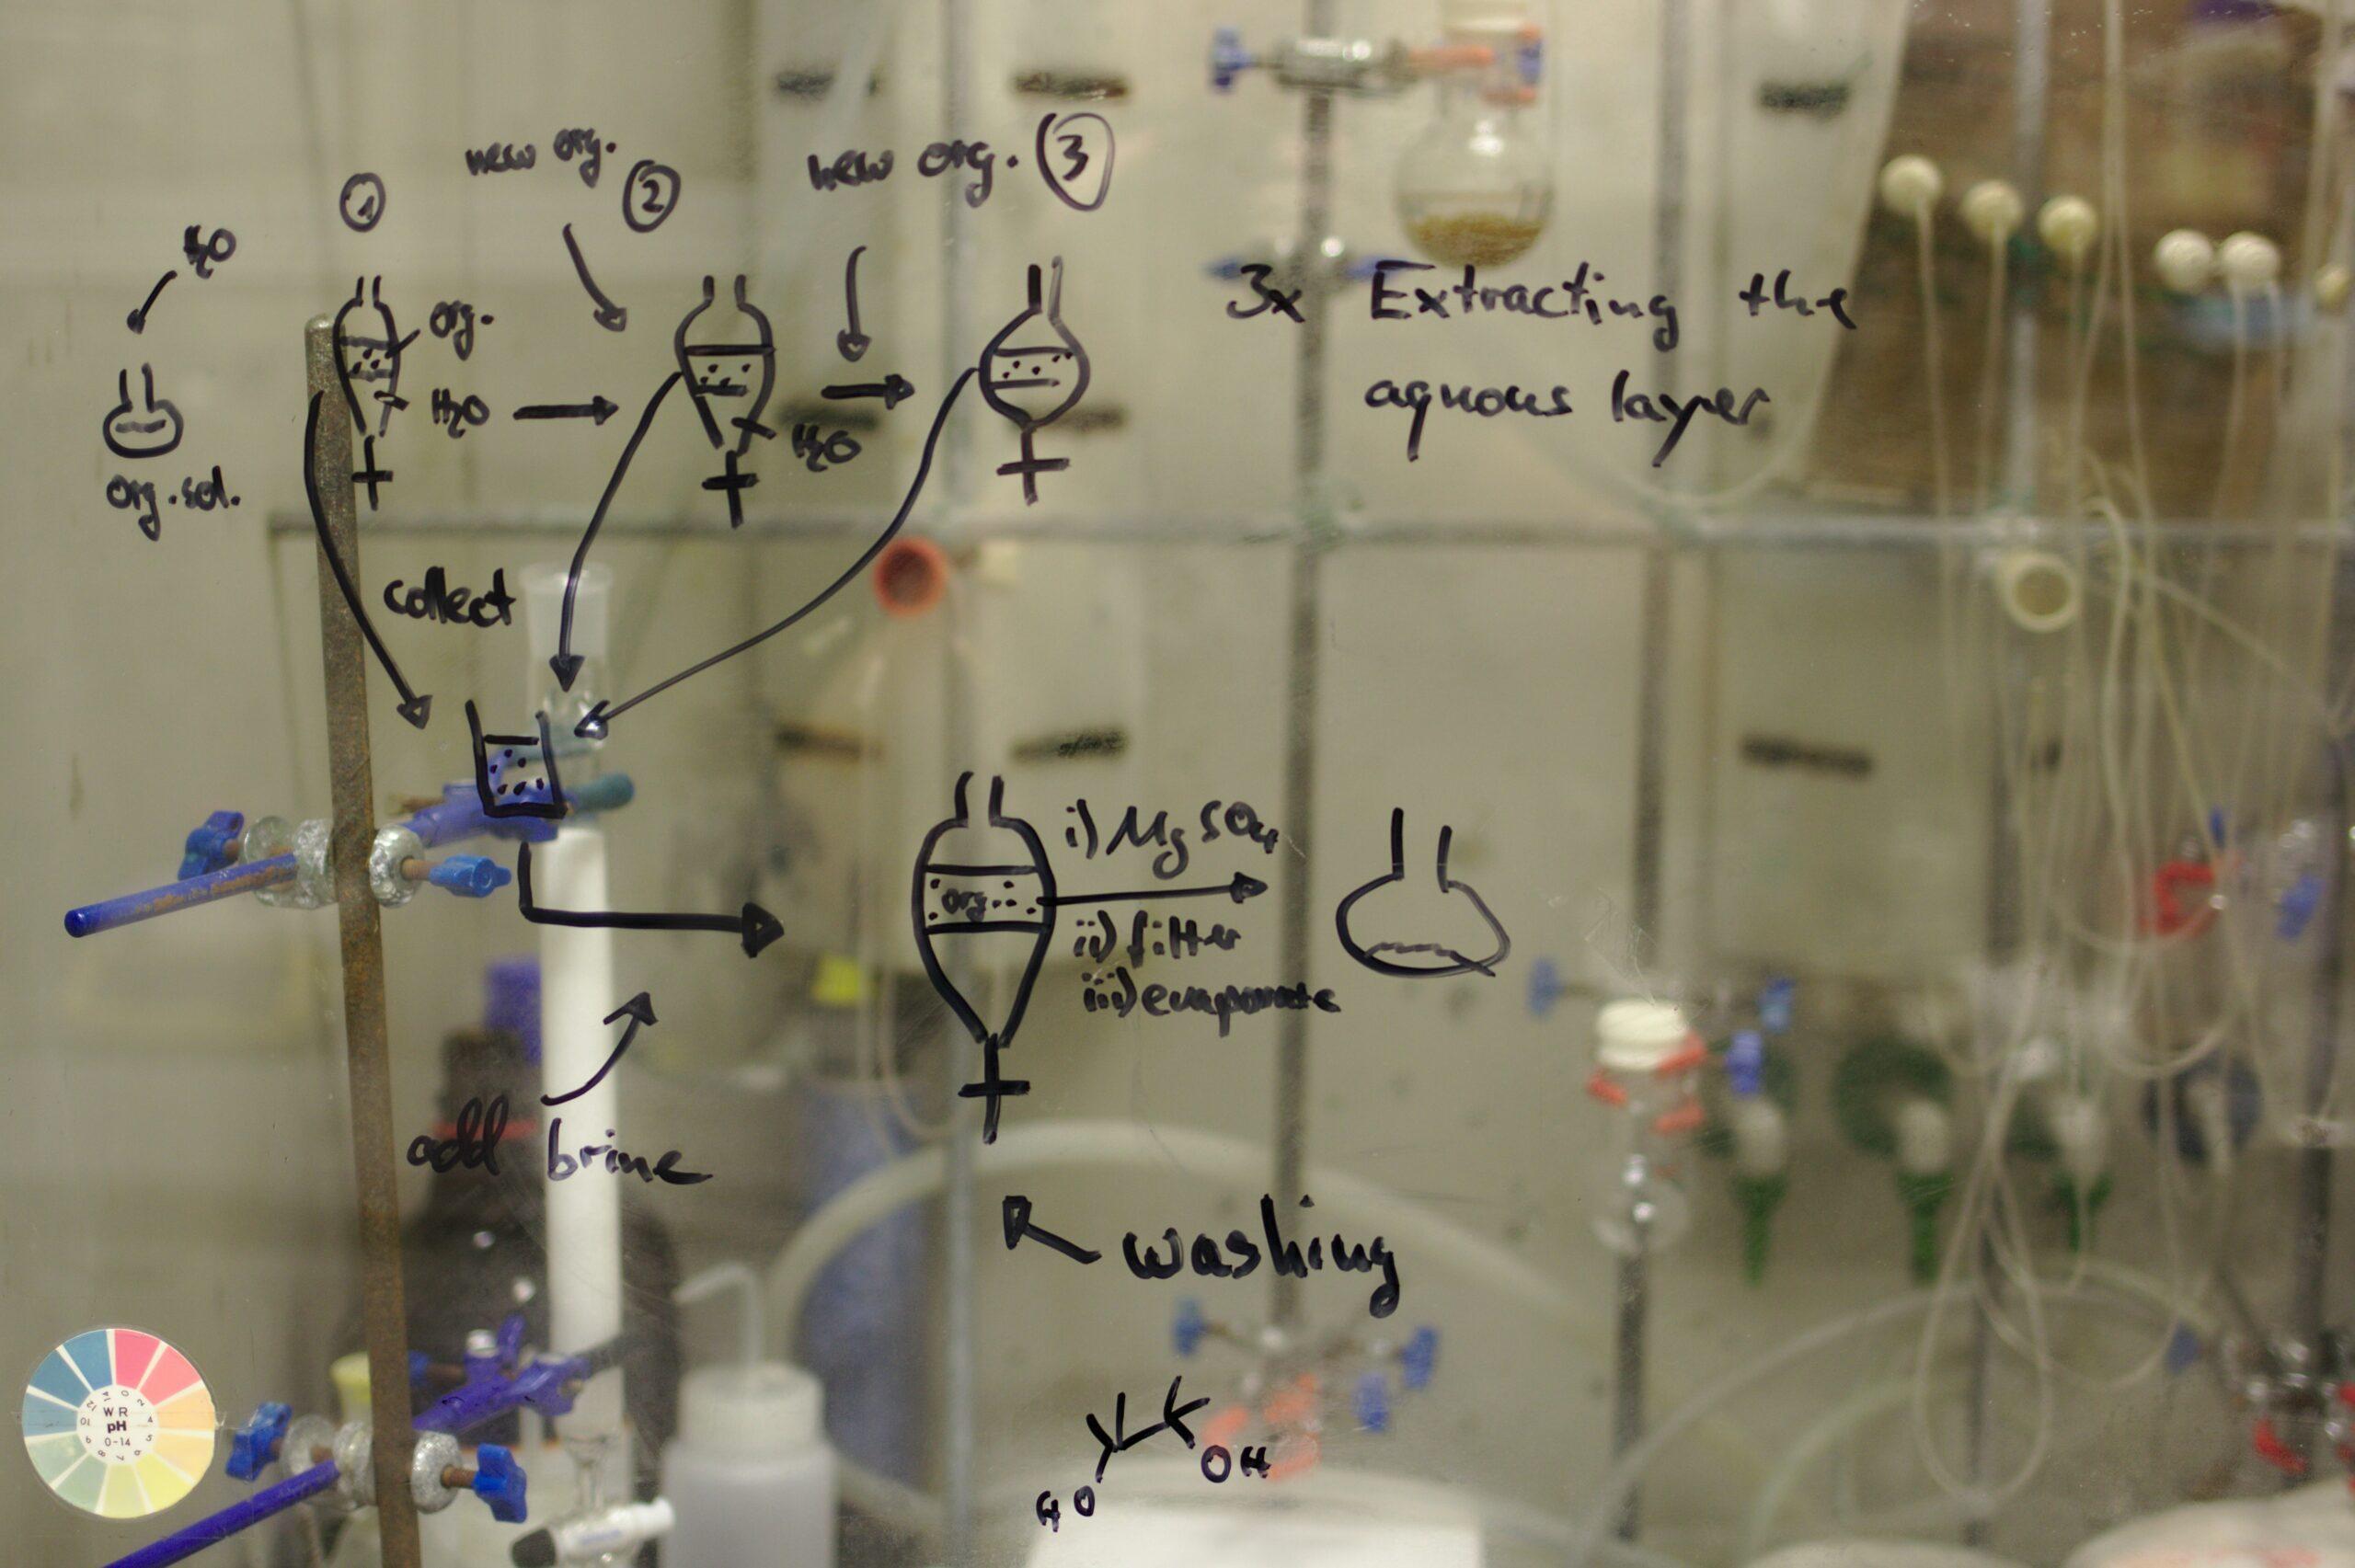 rozpisany na szkole proces chemiczny